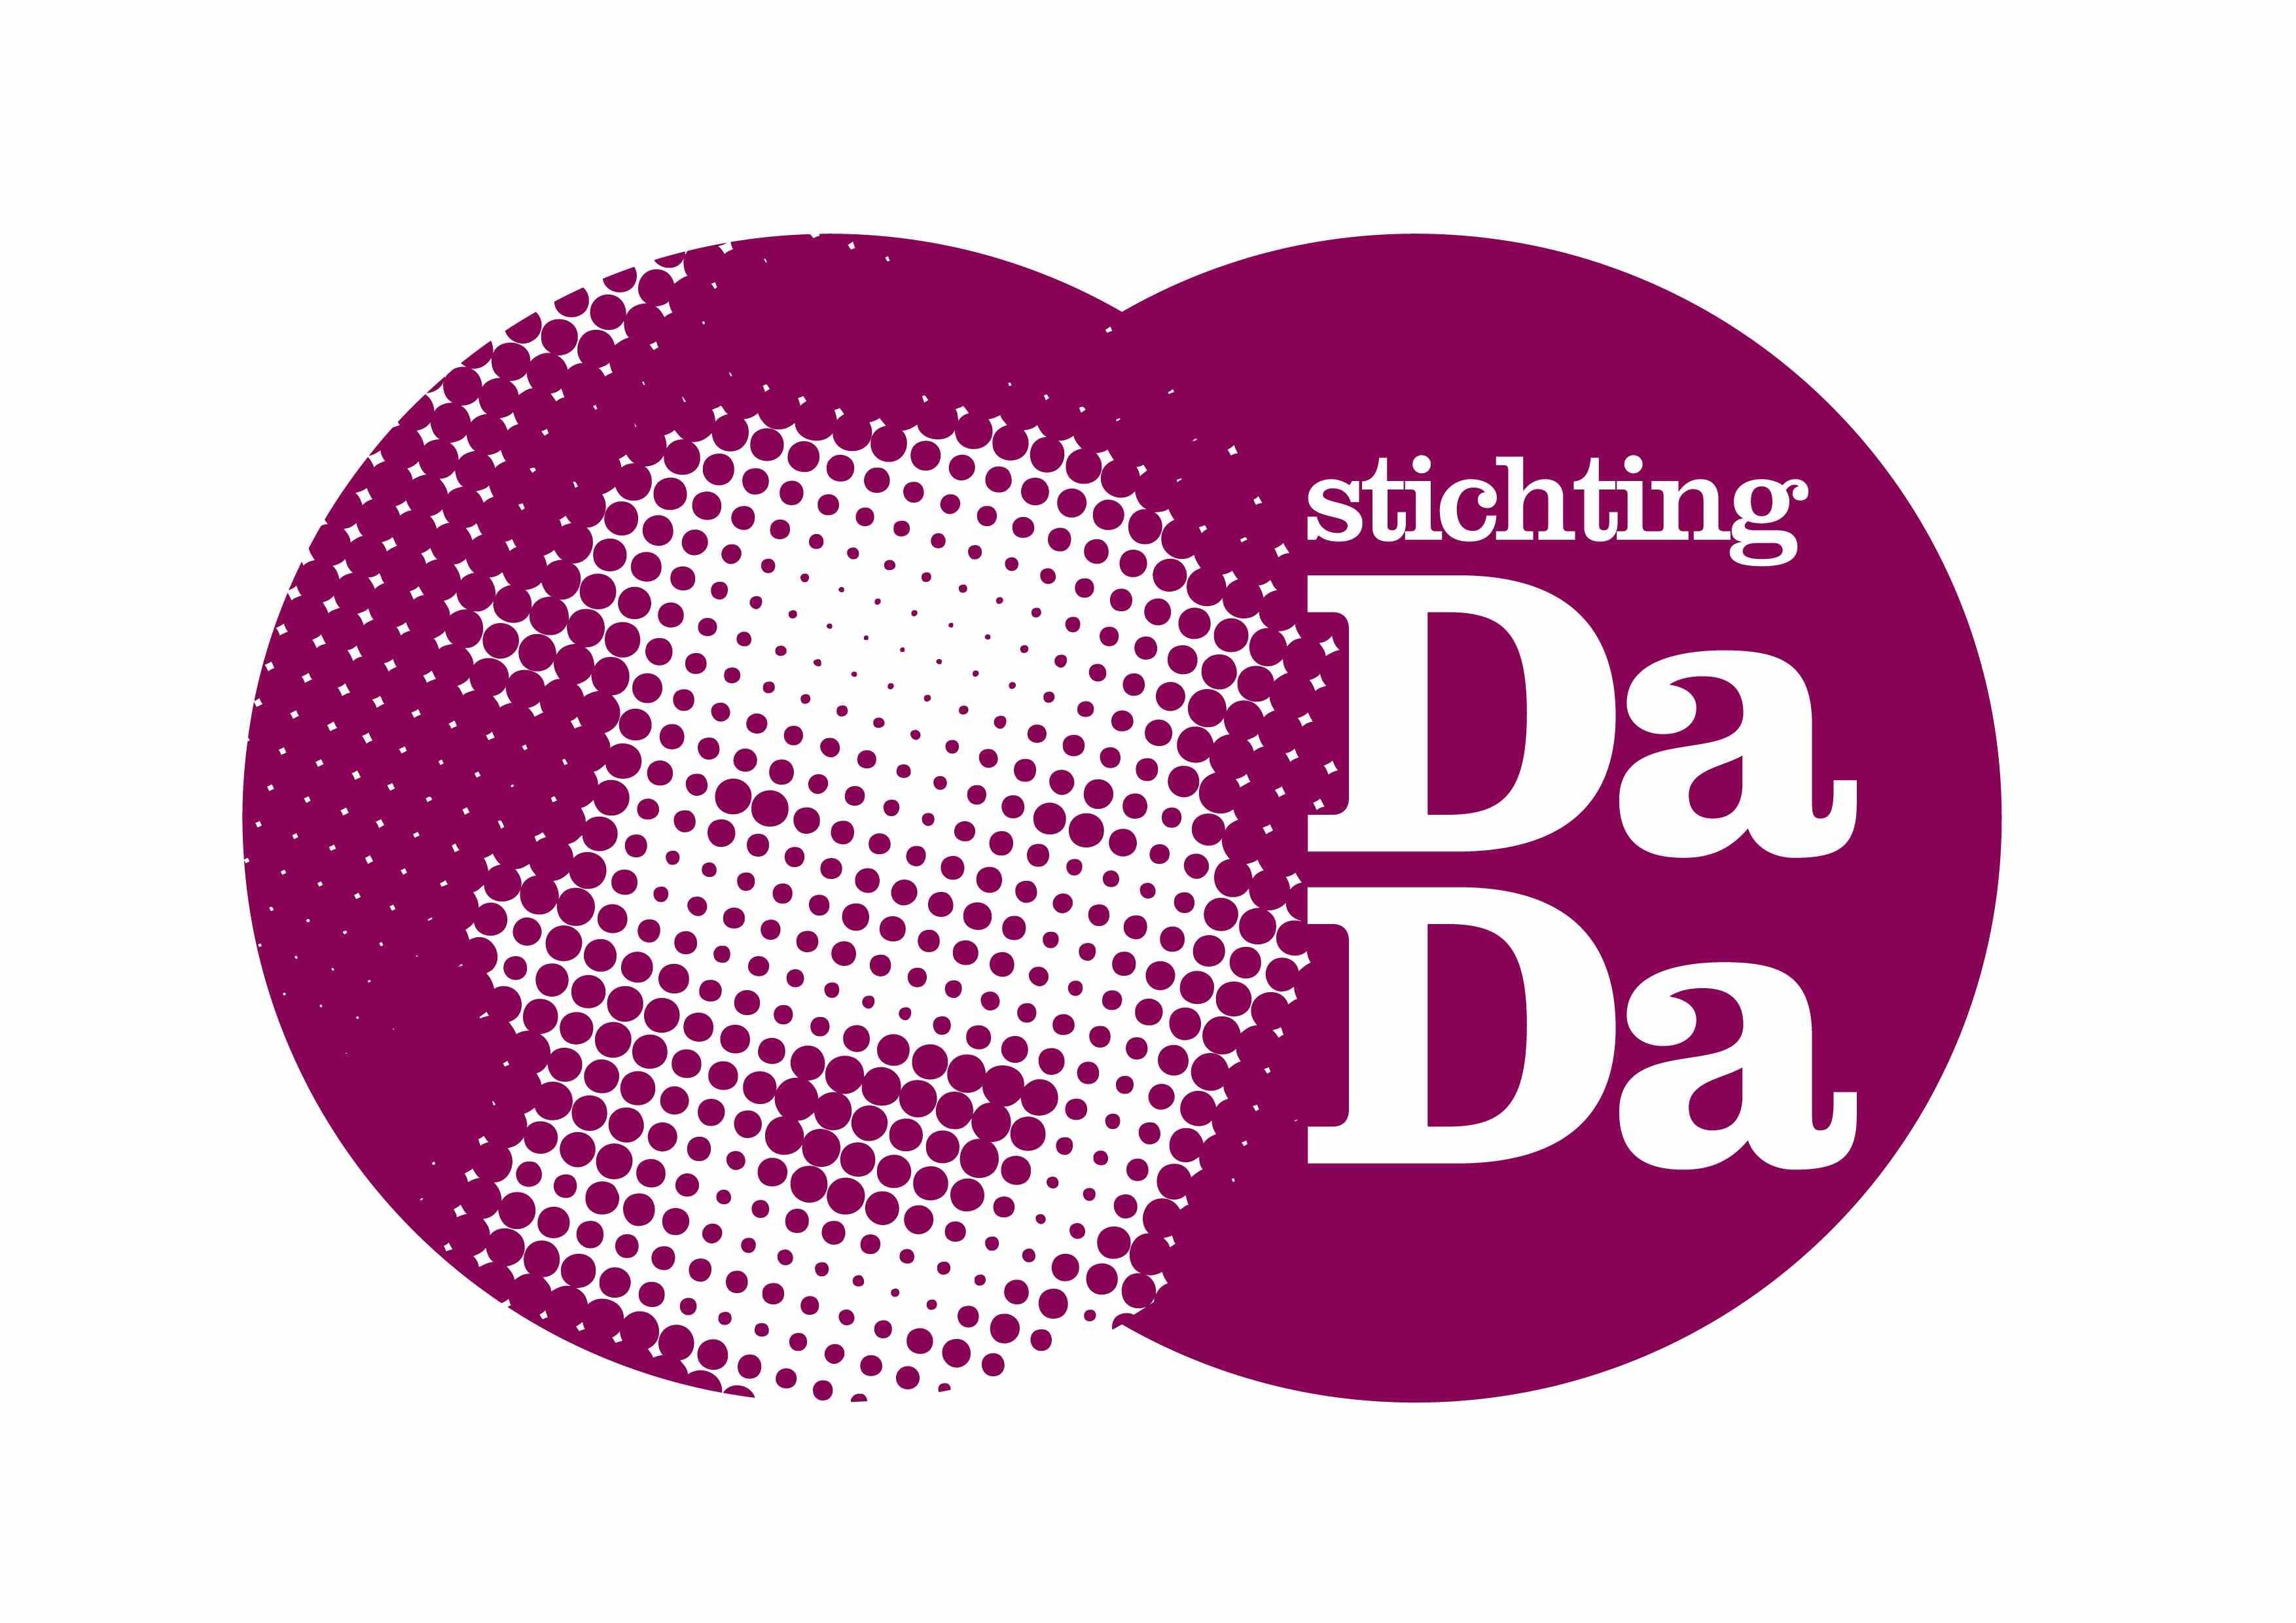 Stichting Dada